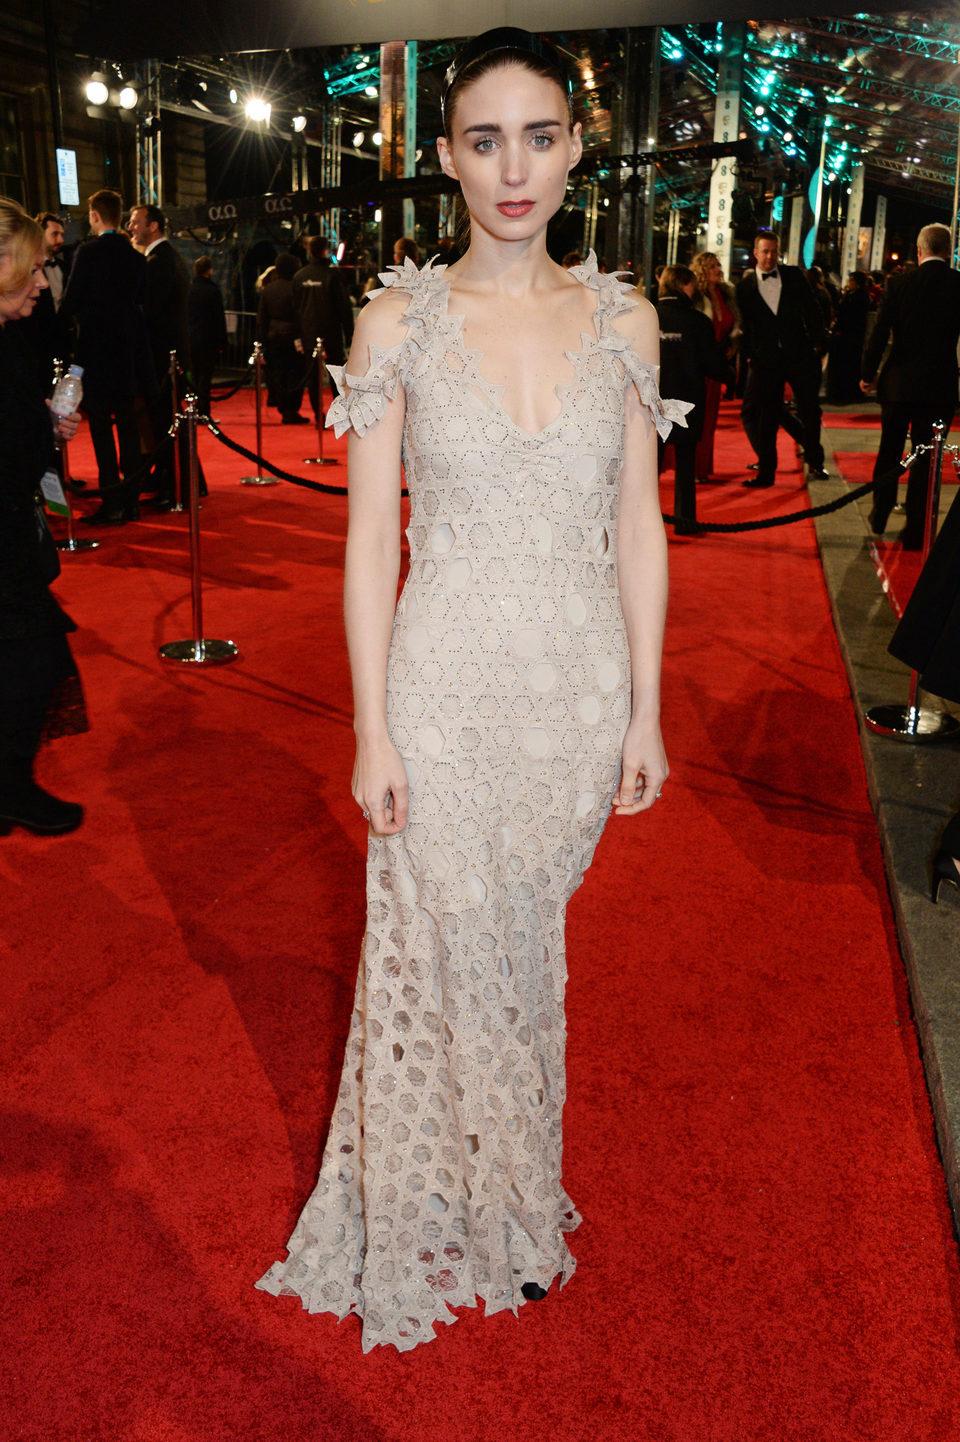 Rooney Mara en la alfombra roja de los BAFTA Awards 2016